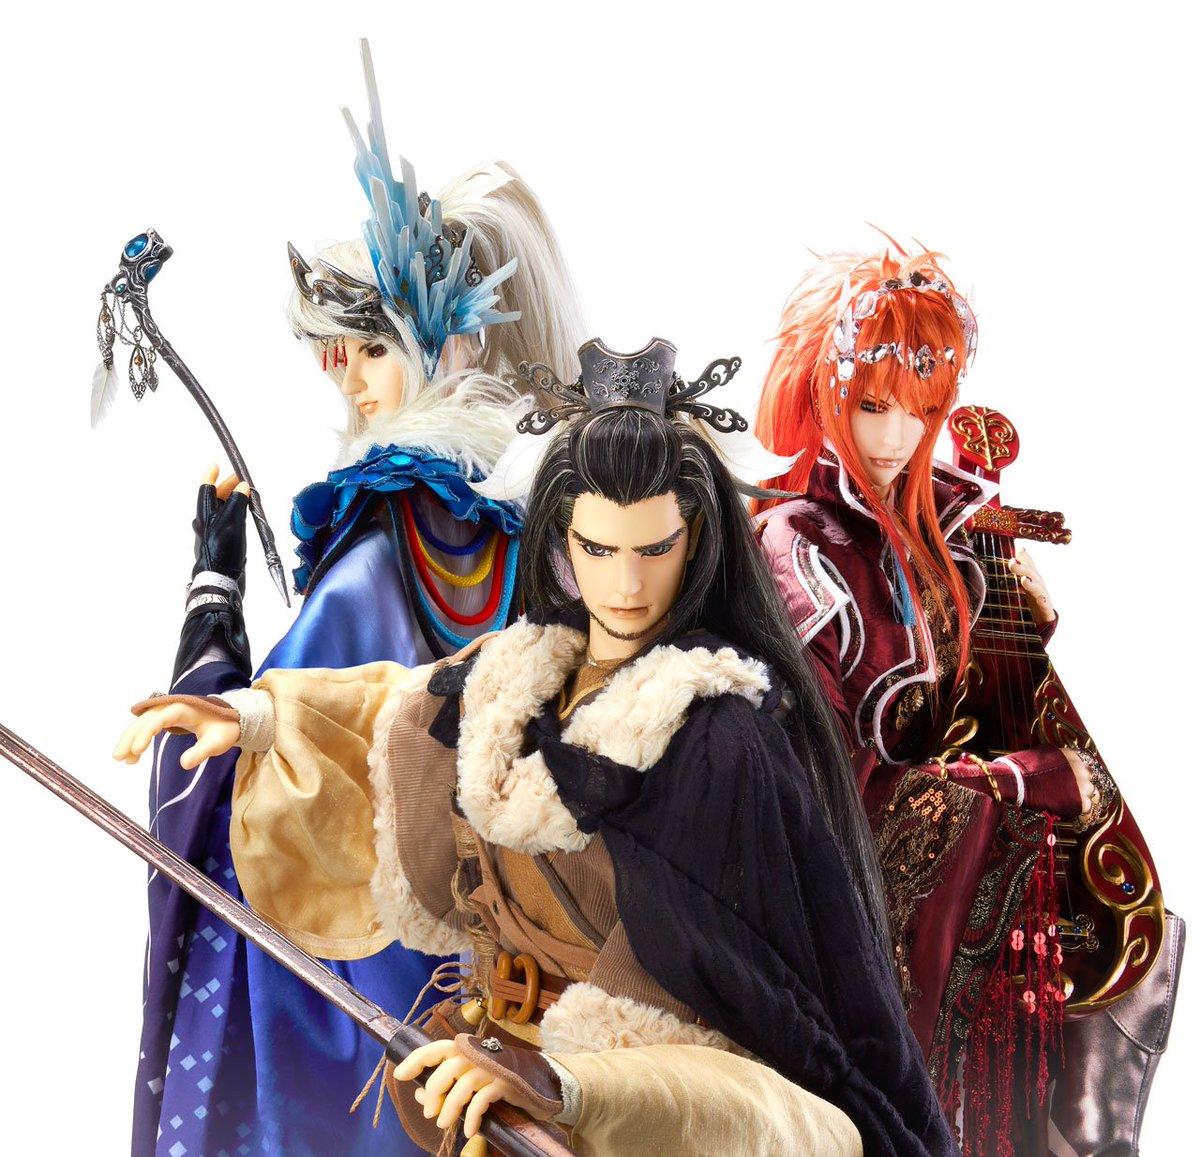 キ!キービジュアルに西川ちゃん人形が入ってるーーー! RT  【速報】「Thunderbolt Fantasy 東離劍遊